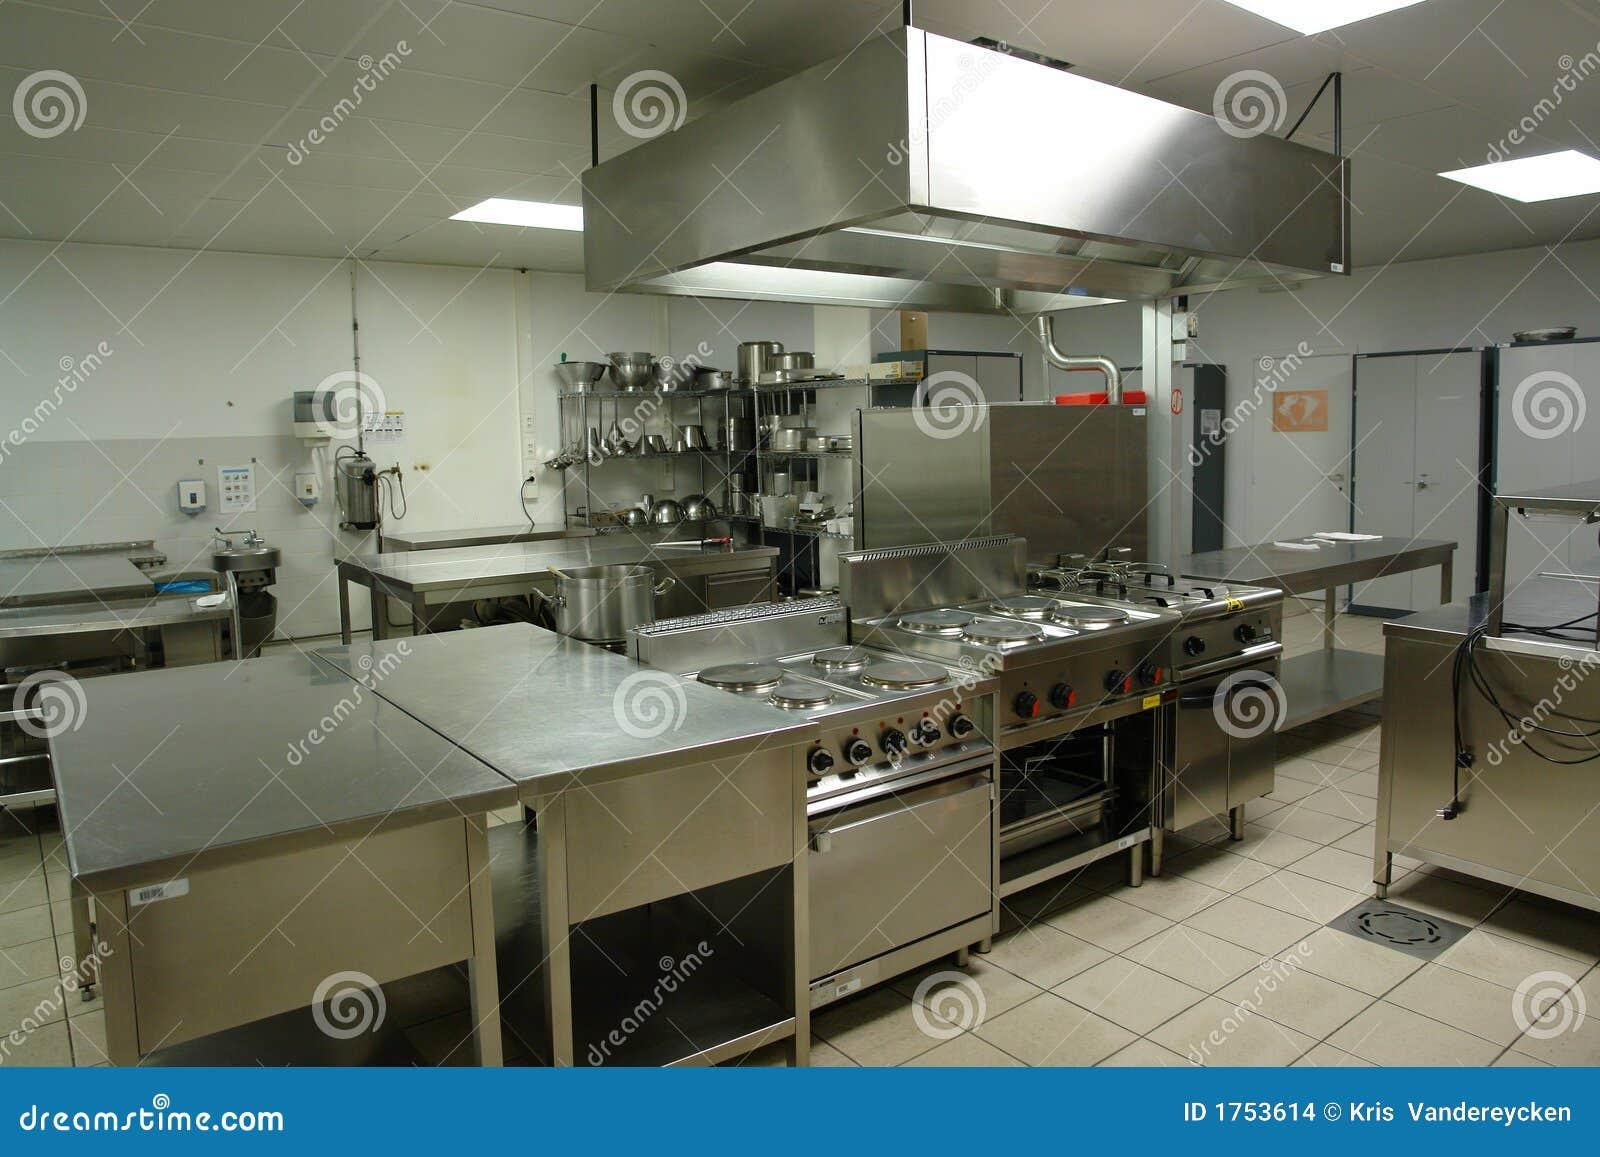 Cocina profesional foto de archivo imagen de alimento for Donde estudiar cocina